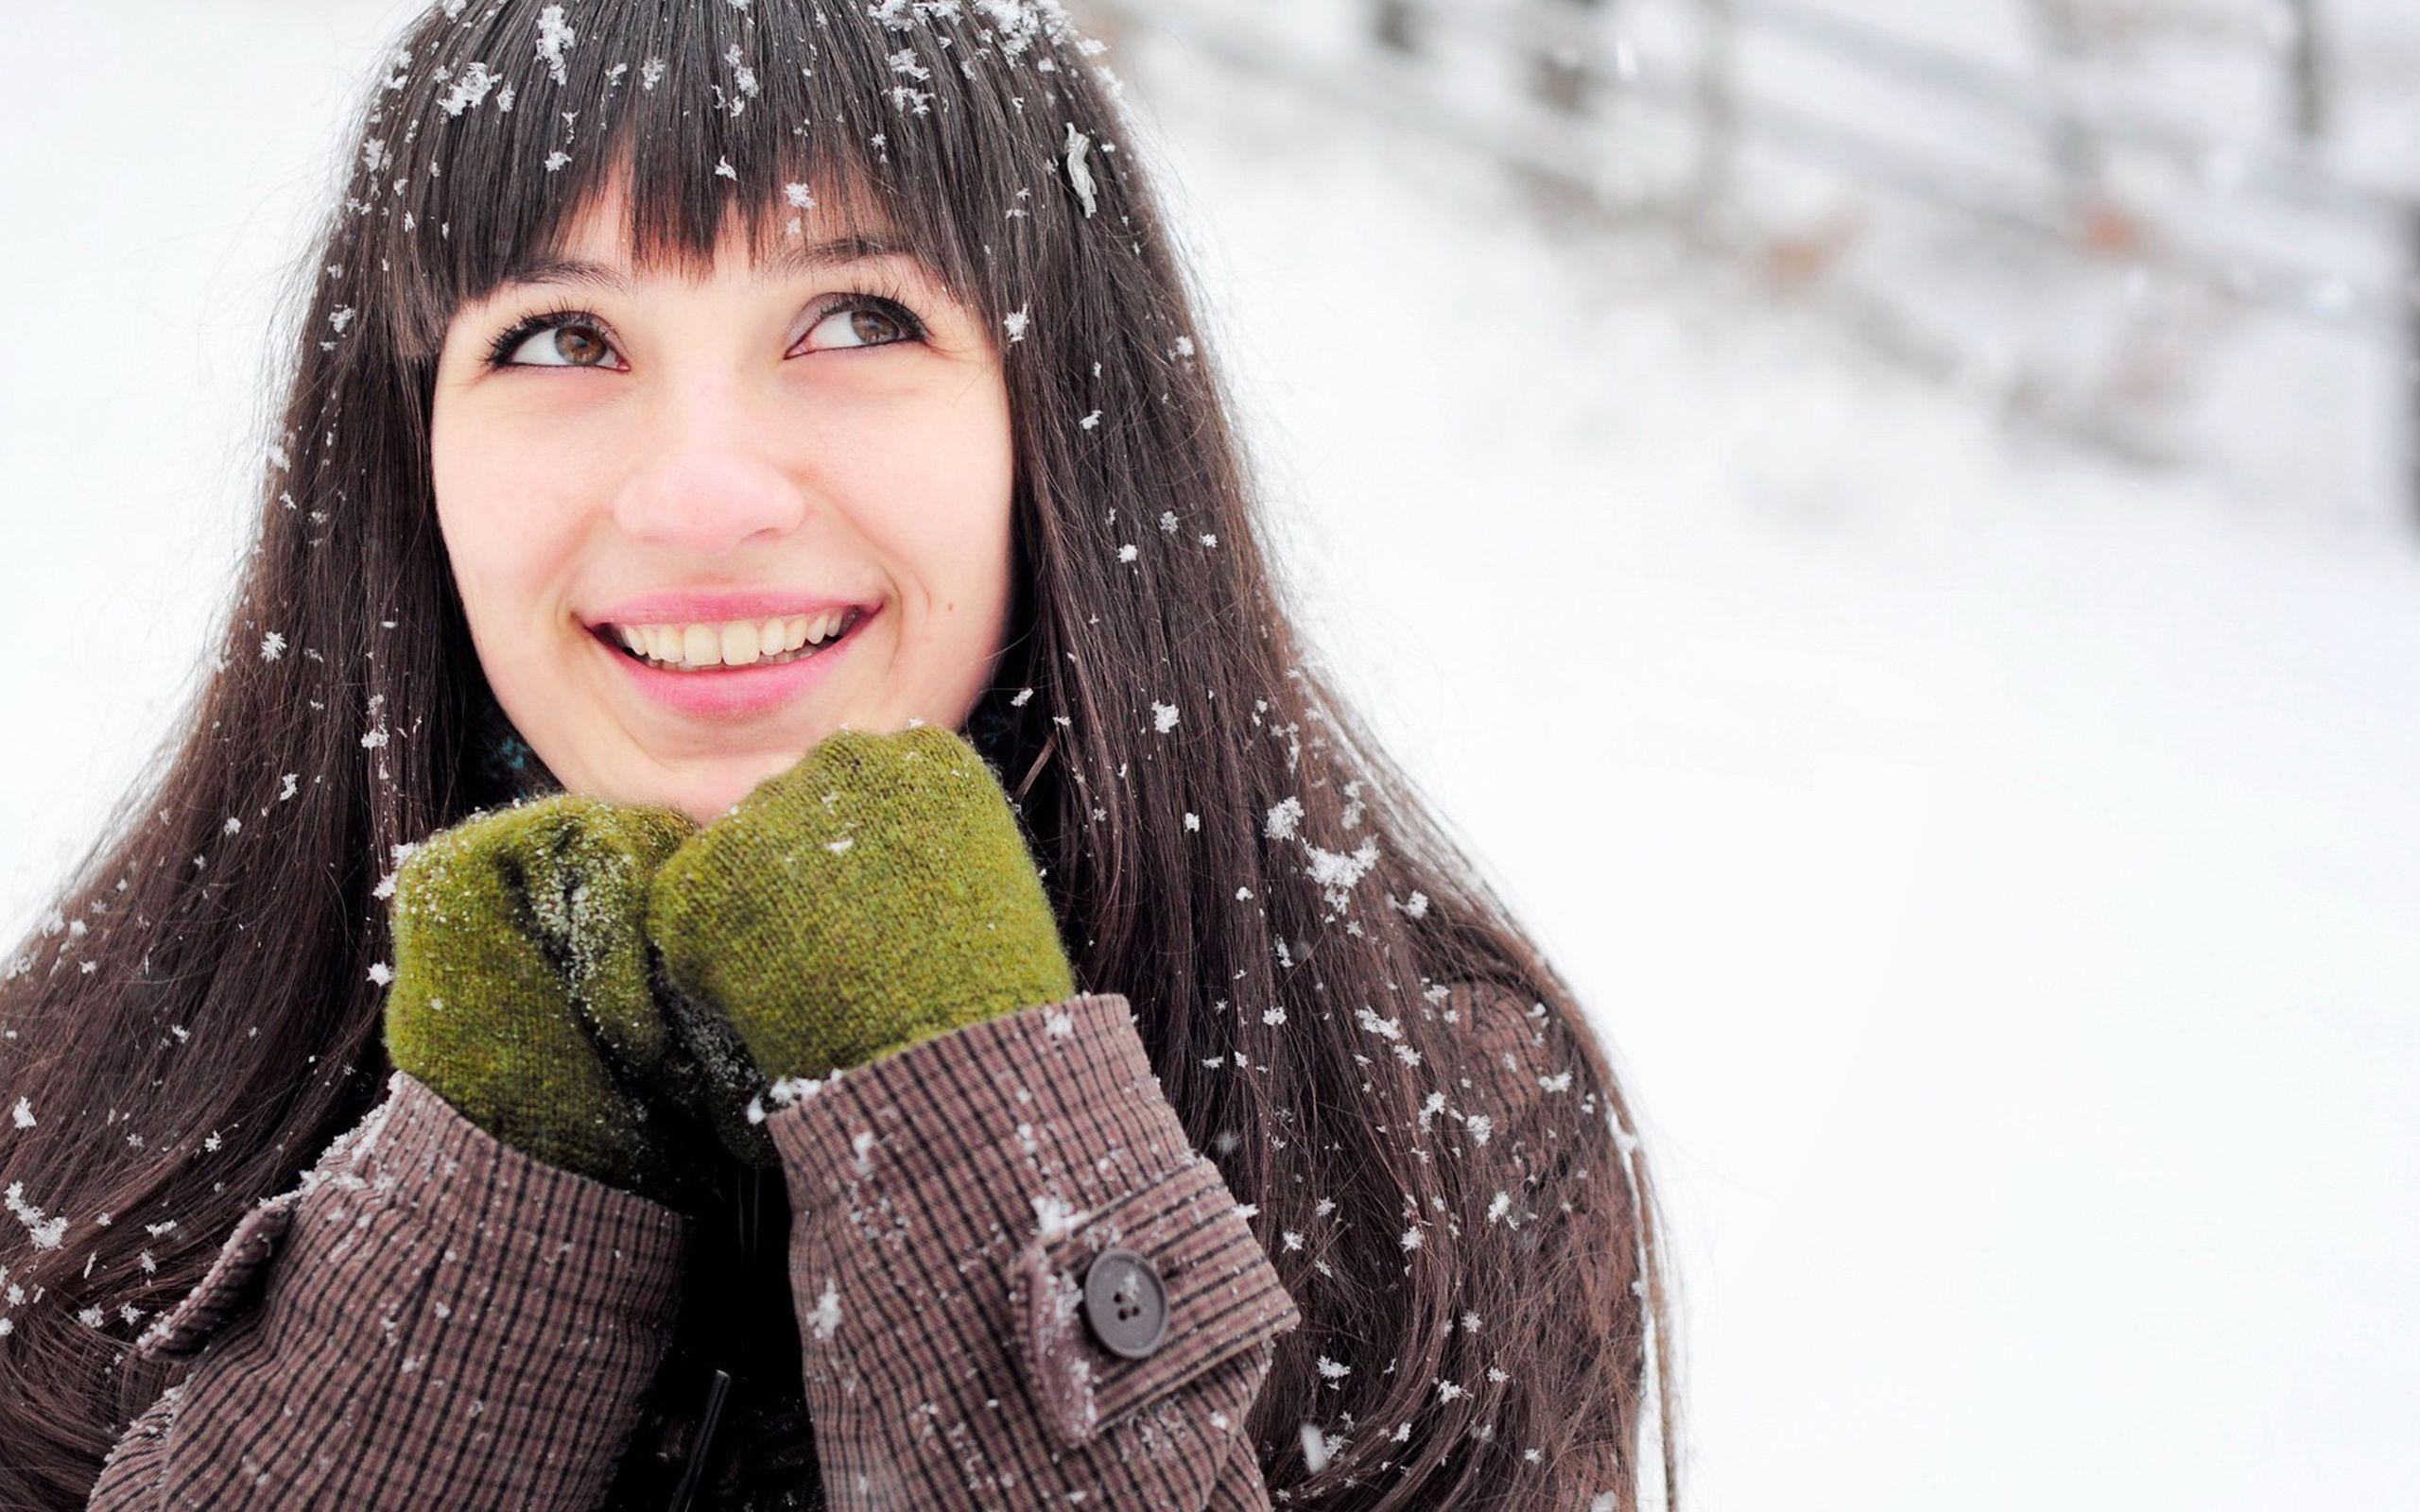 Una chica en la nieve - 2560x1600